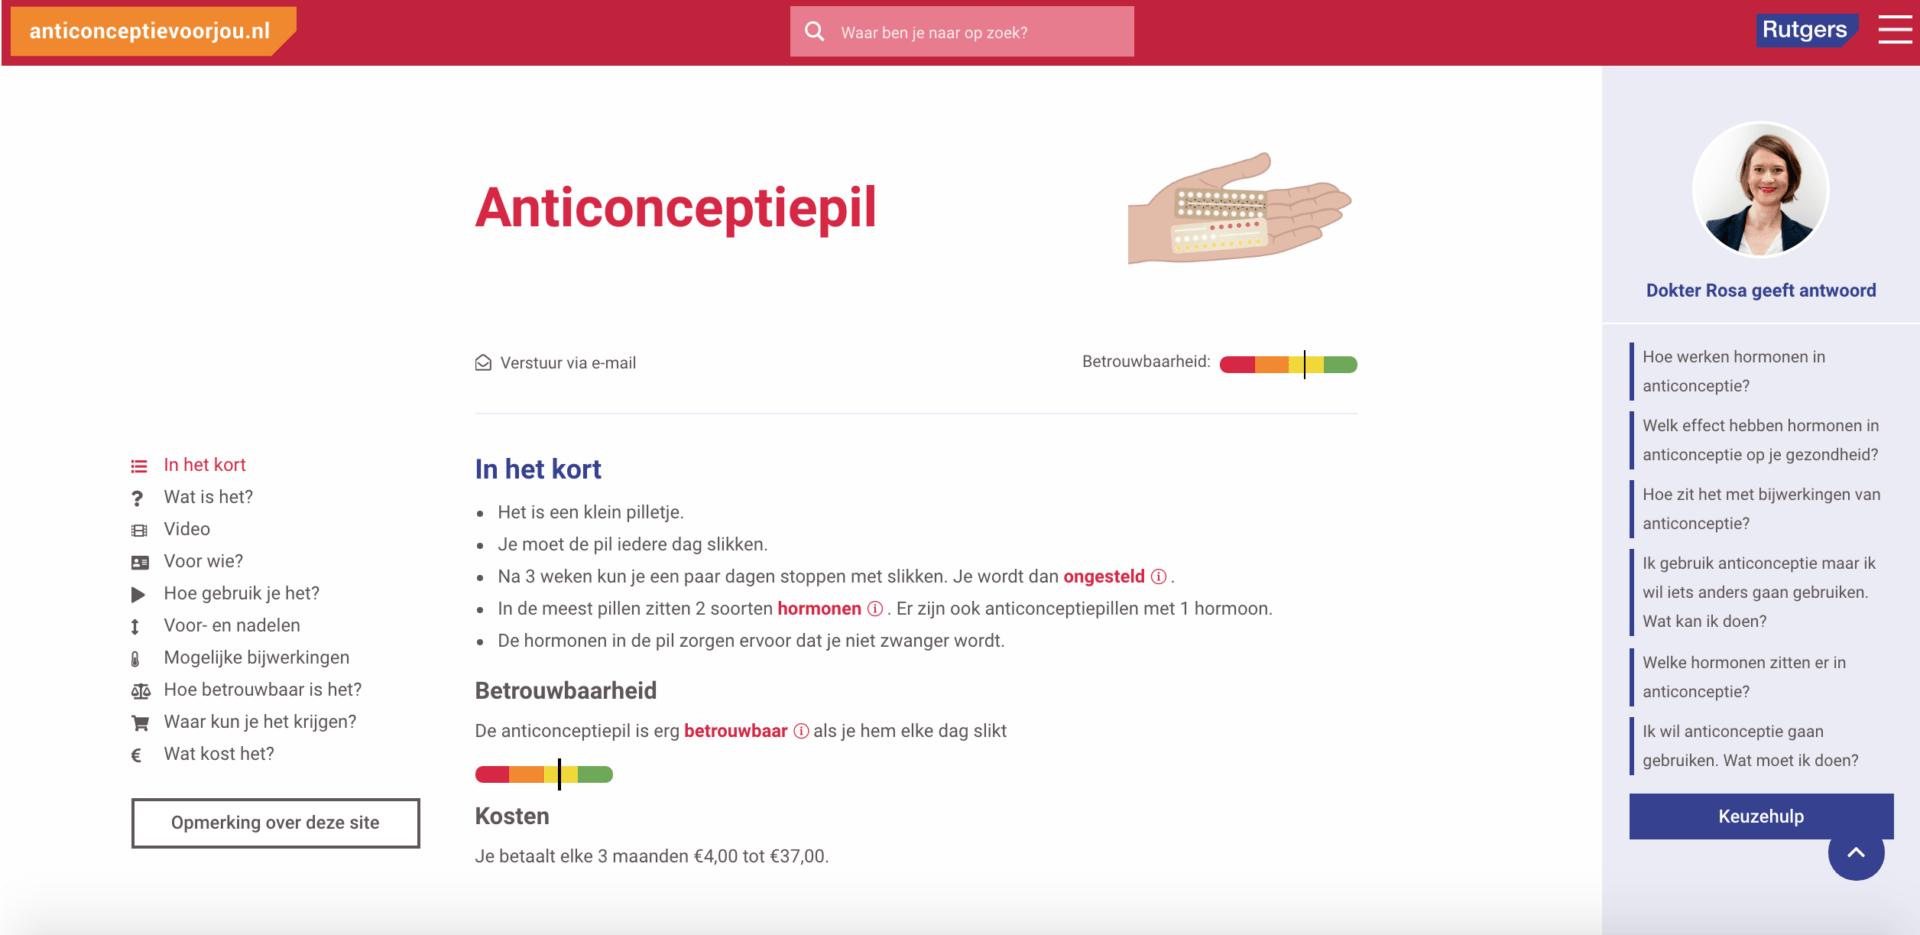 Screenshot 4 van anticonceptievoorjou.nl, website voor Rutgers, gebouwd Stuurlui fullservice WordPress bureau